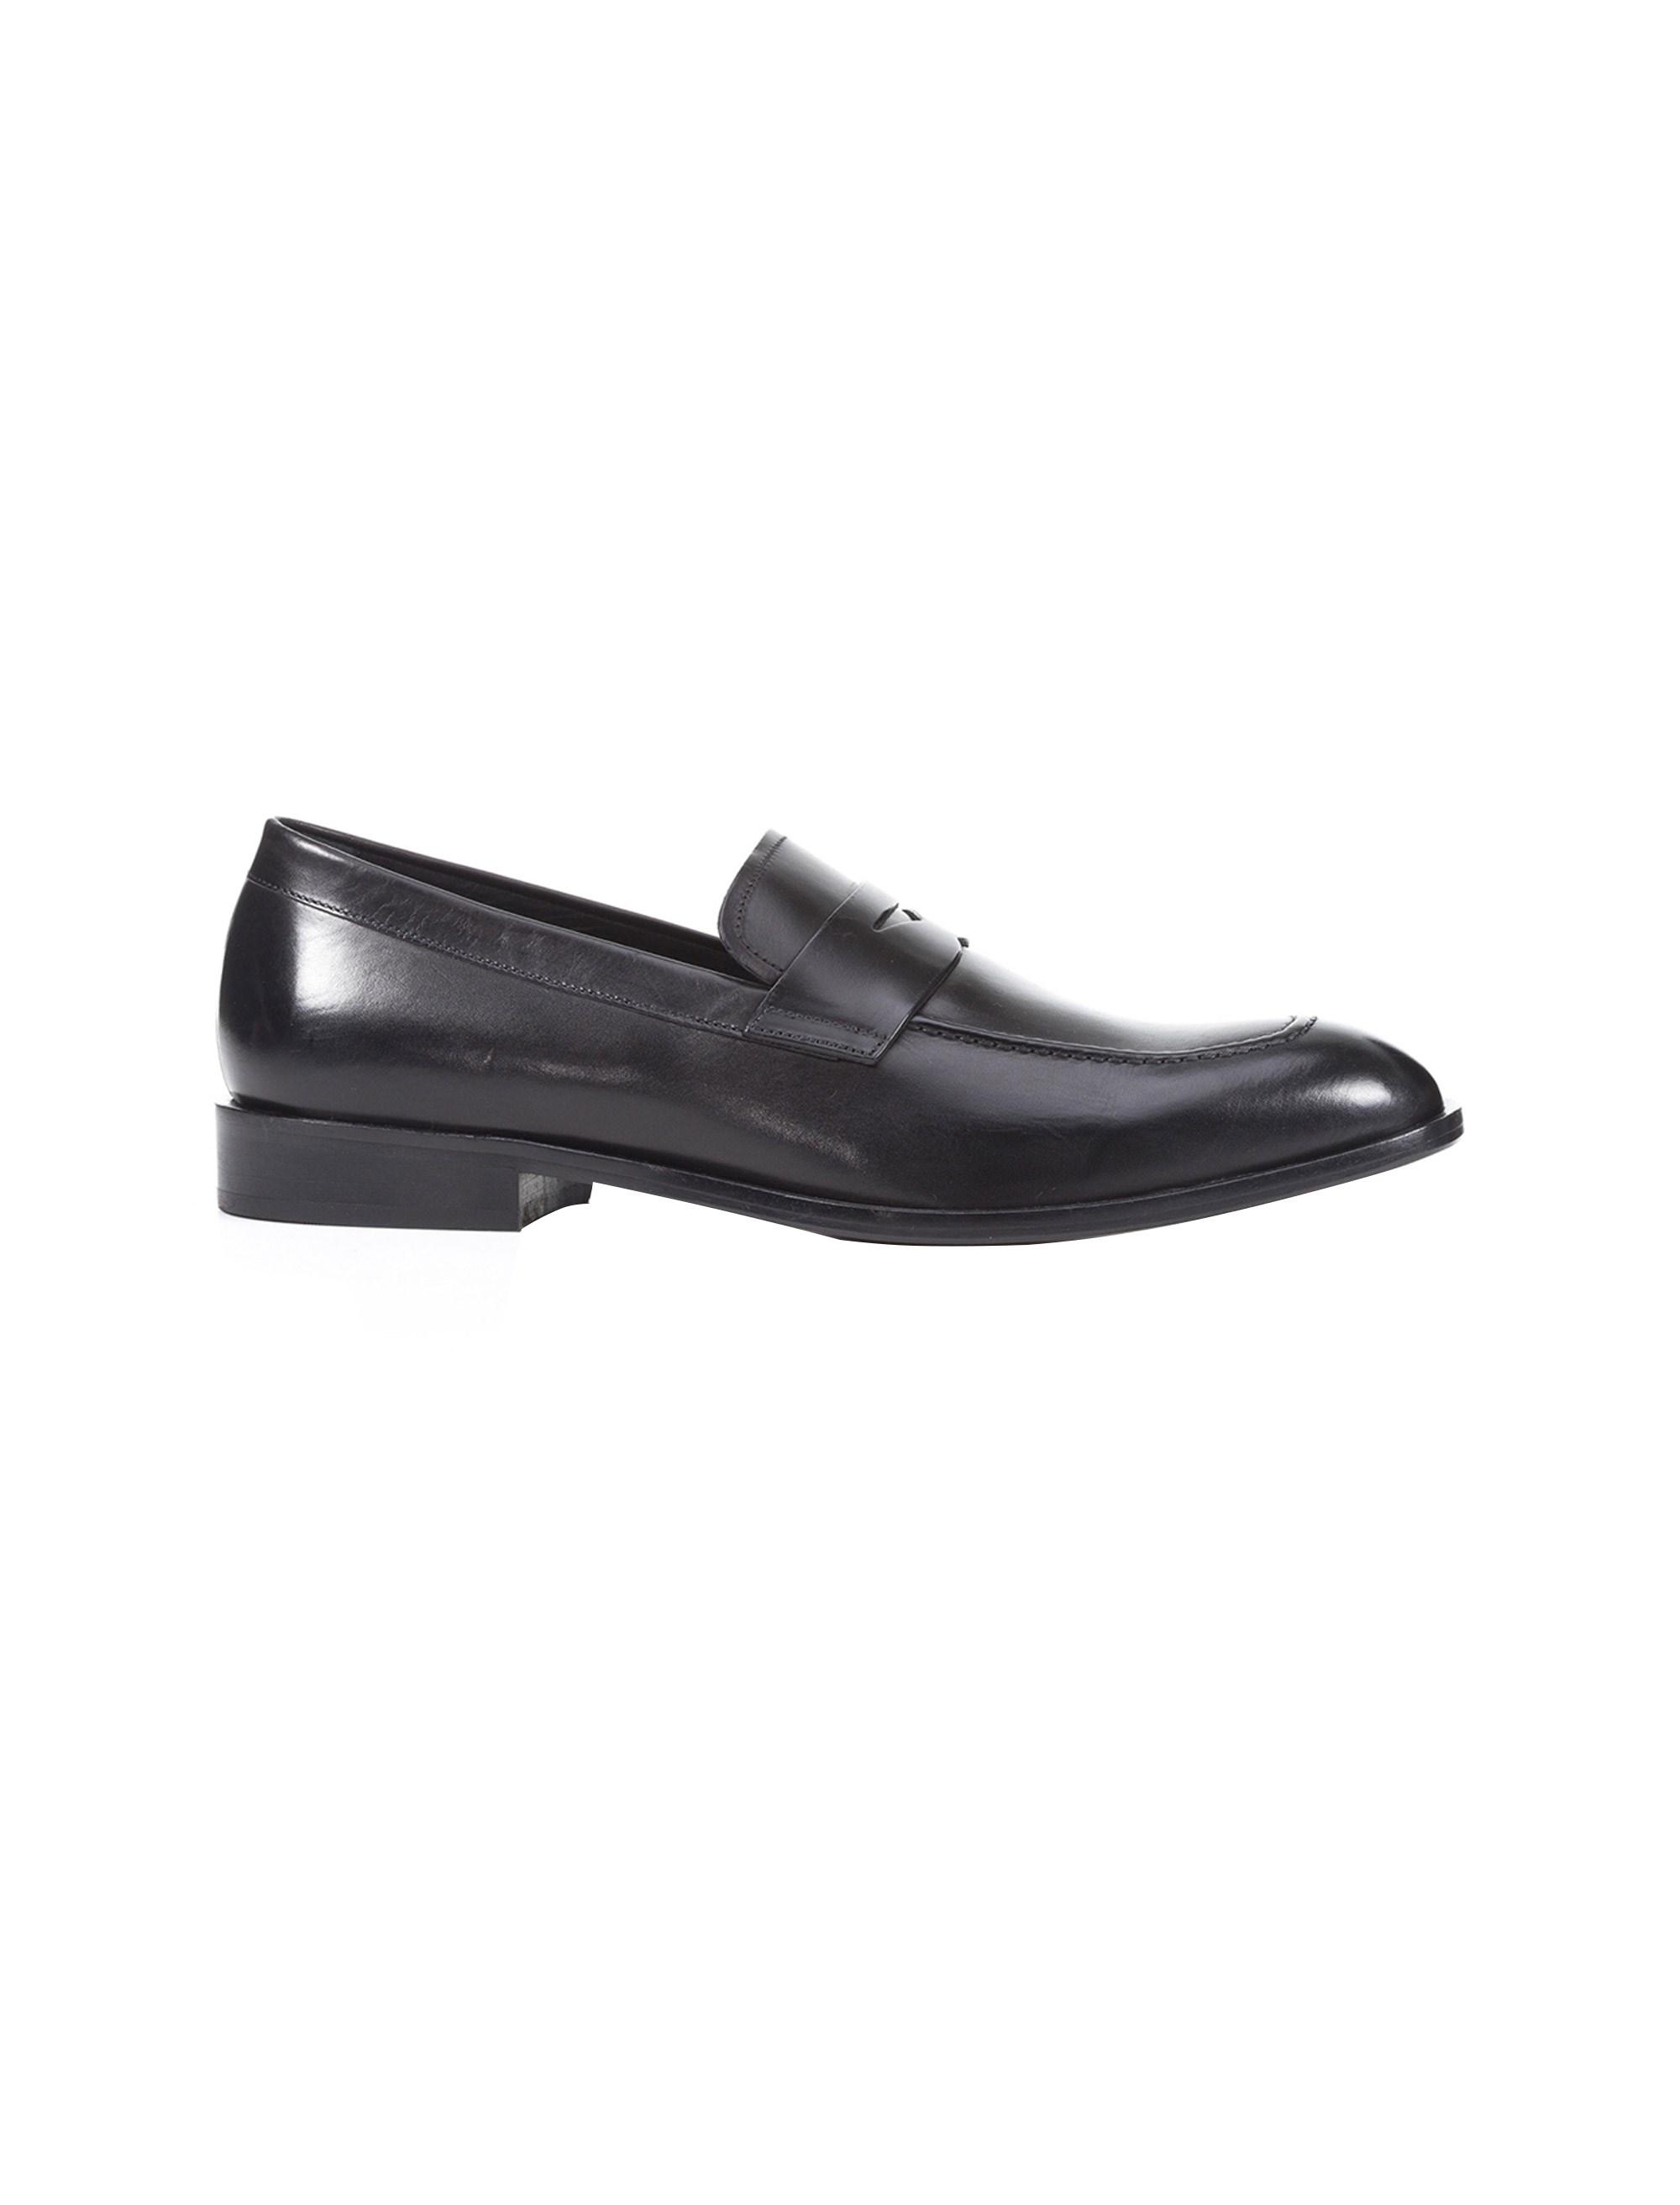 قیمت کفش اداری چرم مردانه Saymore D - جی اوکس